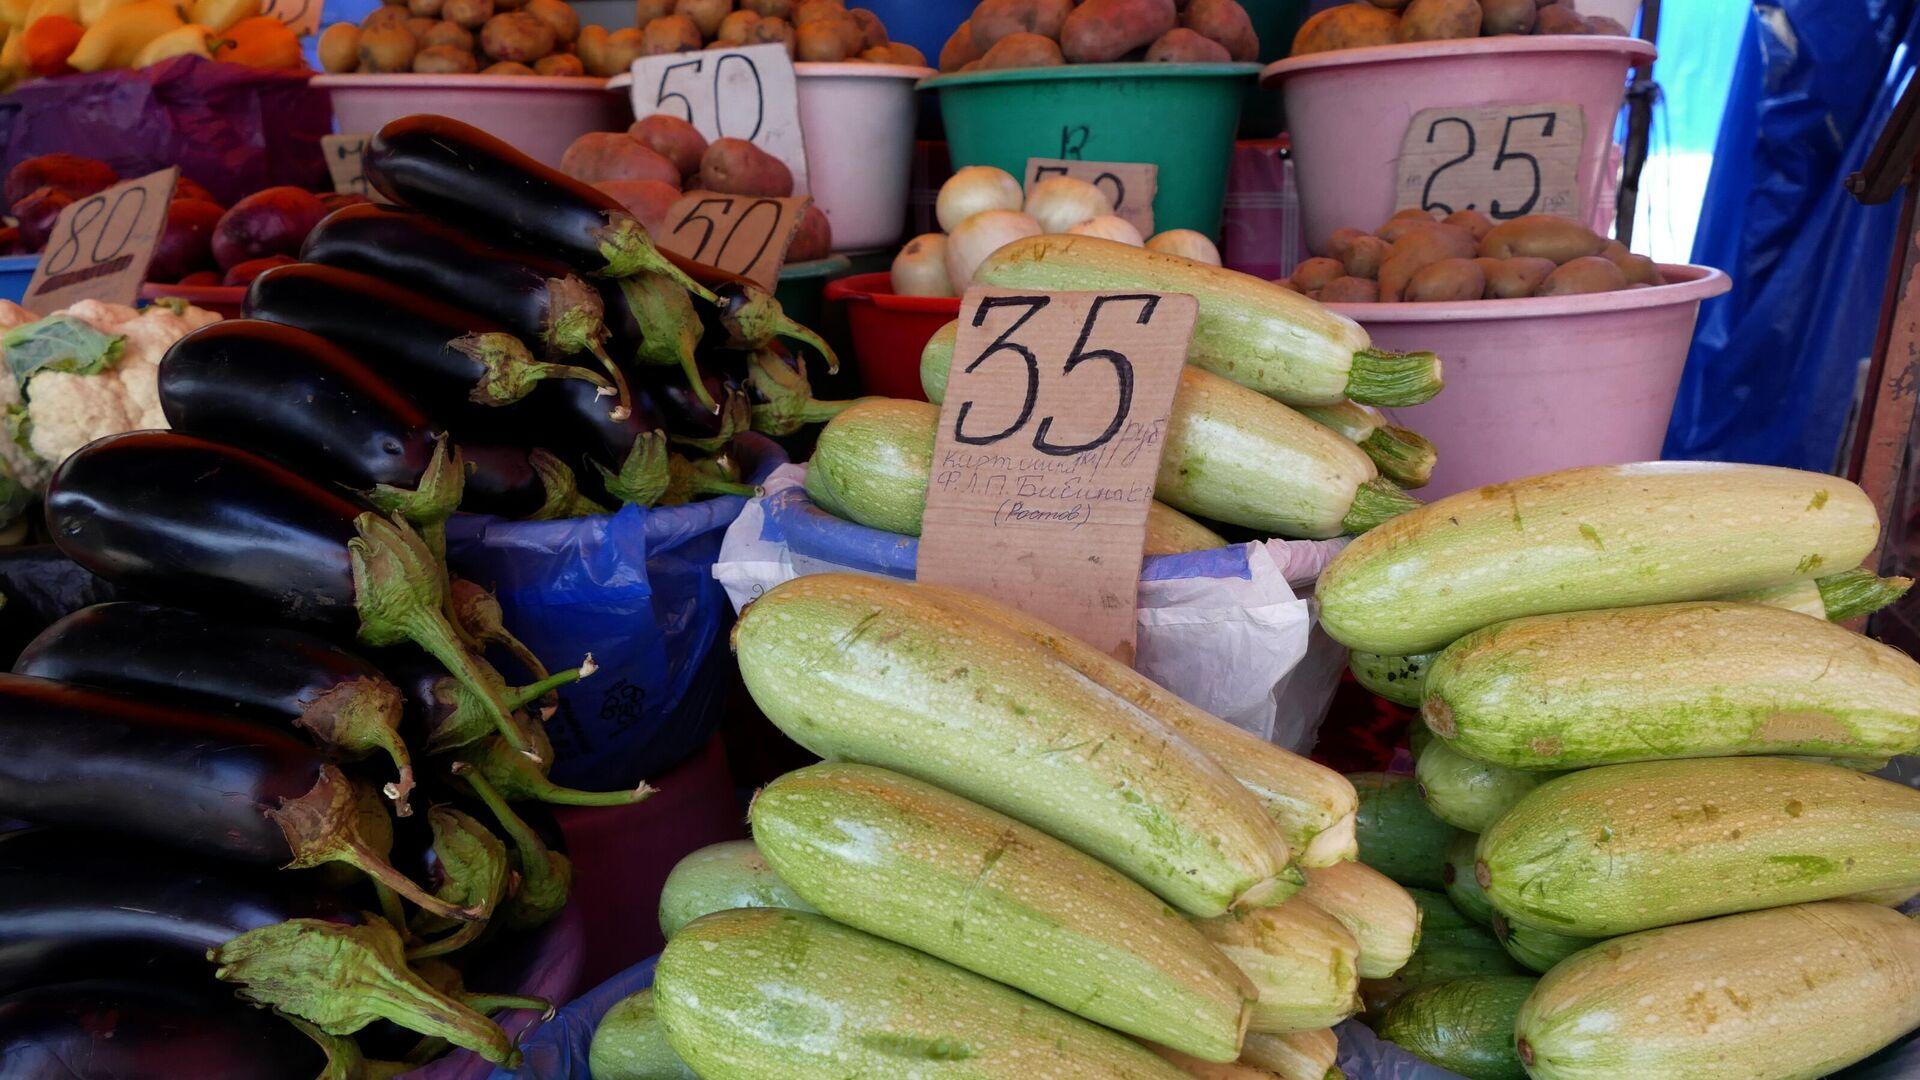 Продажа овощей и фруктов на рынке в Донецке  - РИА Новости, 1920, 21.08.2021